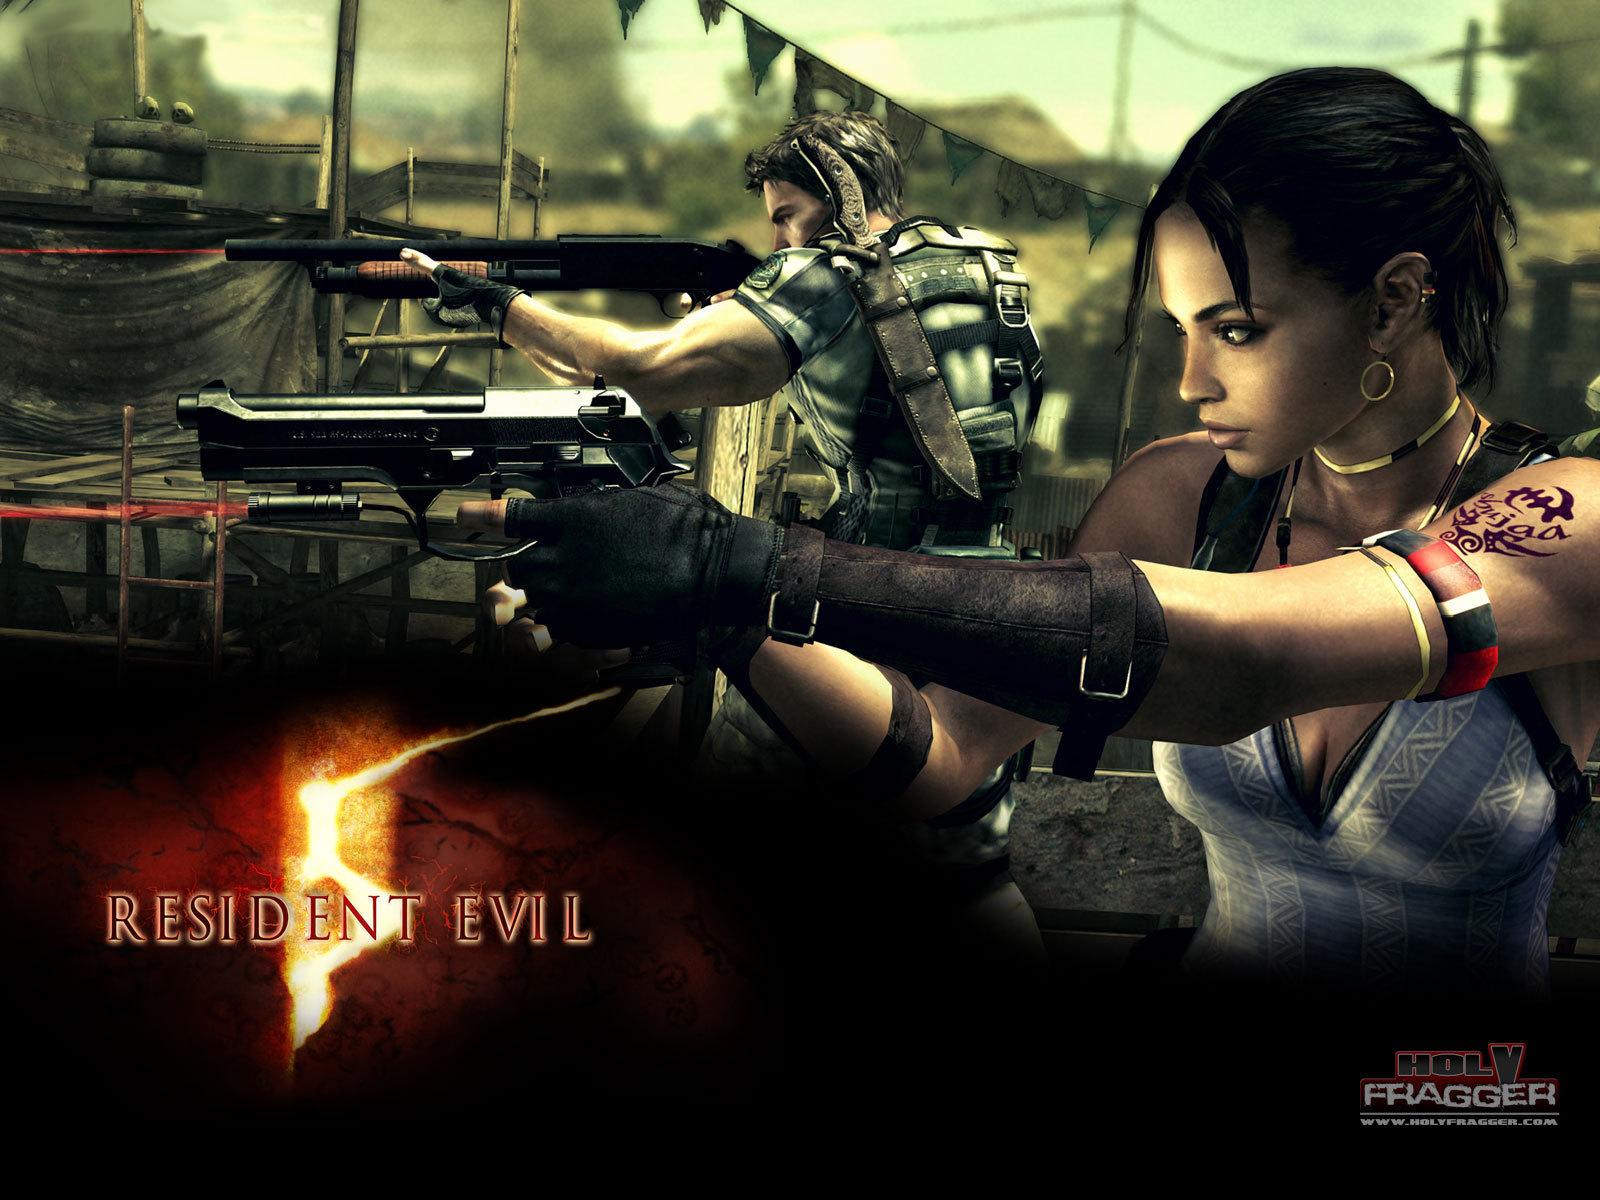 Resident-Evil-Wallpaper-resident-evil-5-4931735-1600-1200.jpg